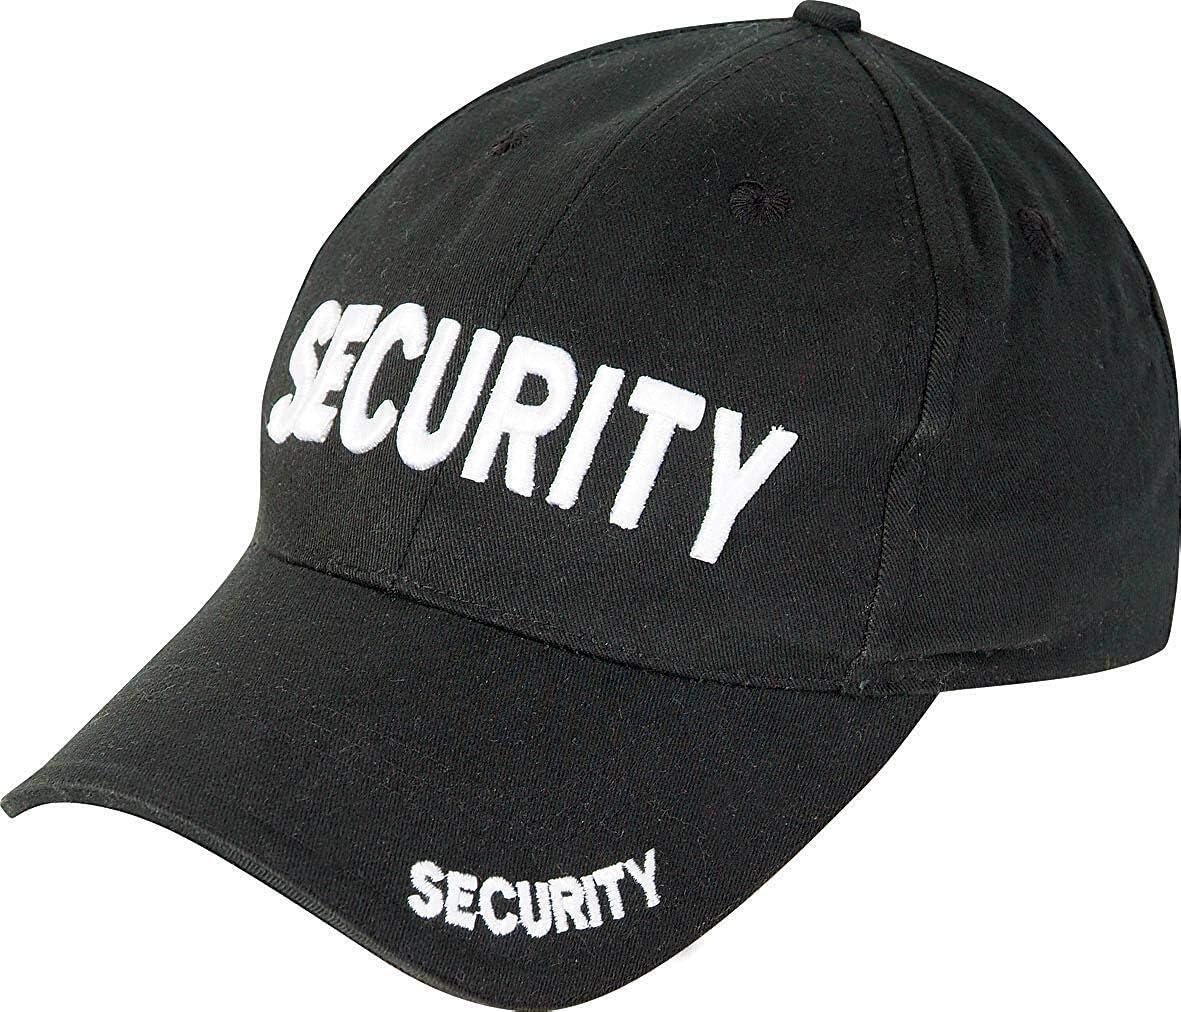 Viper TACTICAL Security - Gorra de béisbol porteros y Vigilantes ...